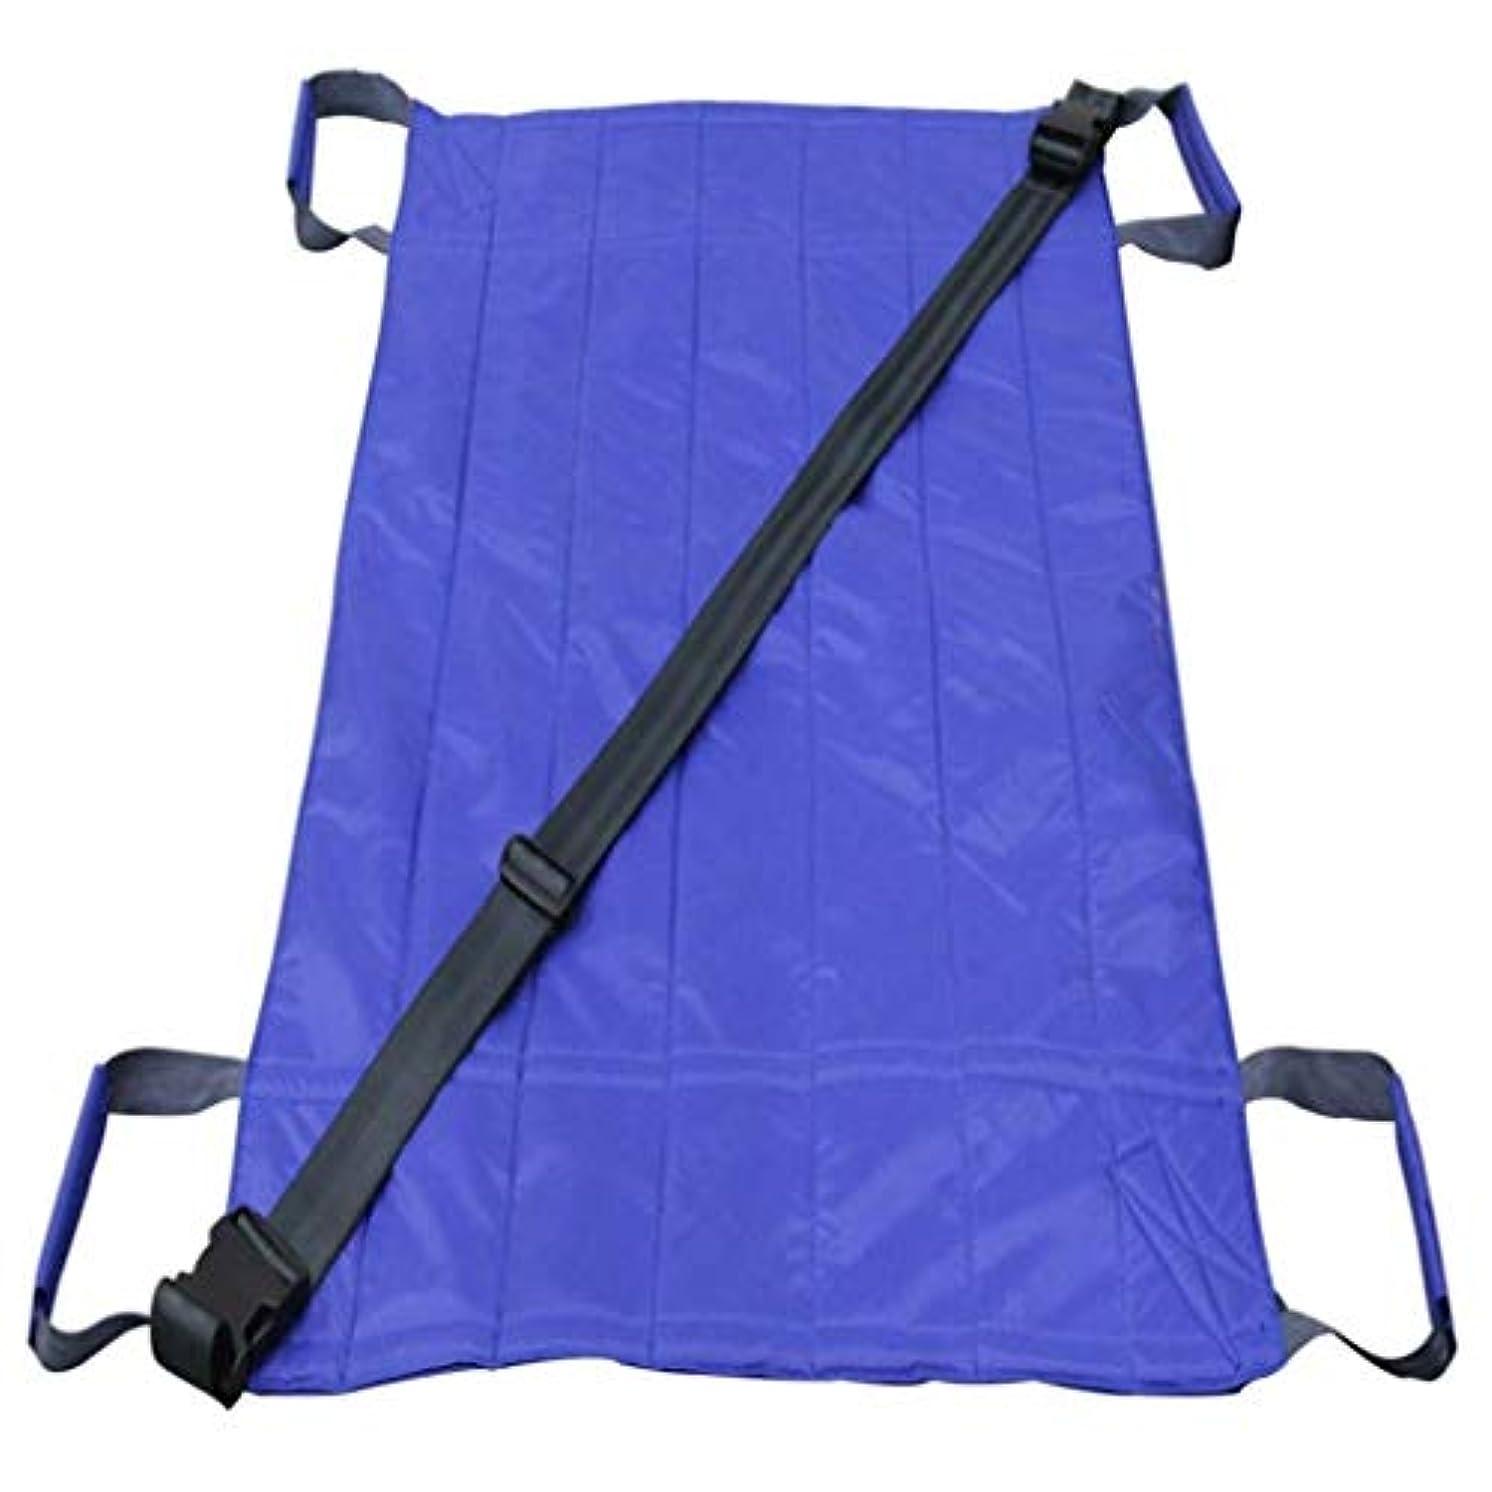 予感高揚したスカーフトランスファーボードベルト車椅子スライド式メディカルリフティングスリングターナー患者ケア安全移動補助器具